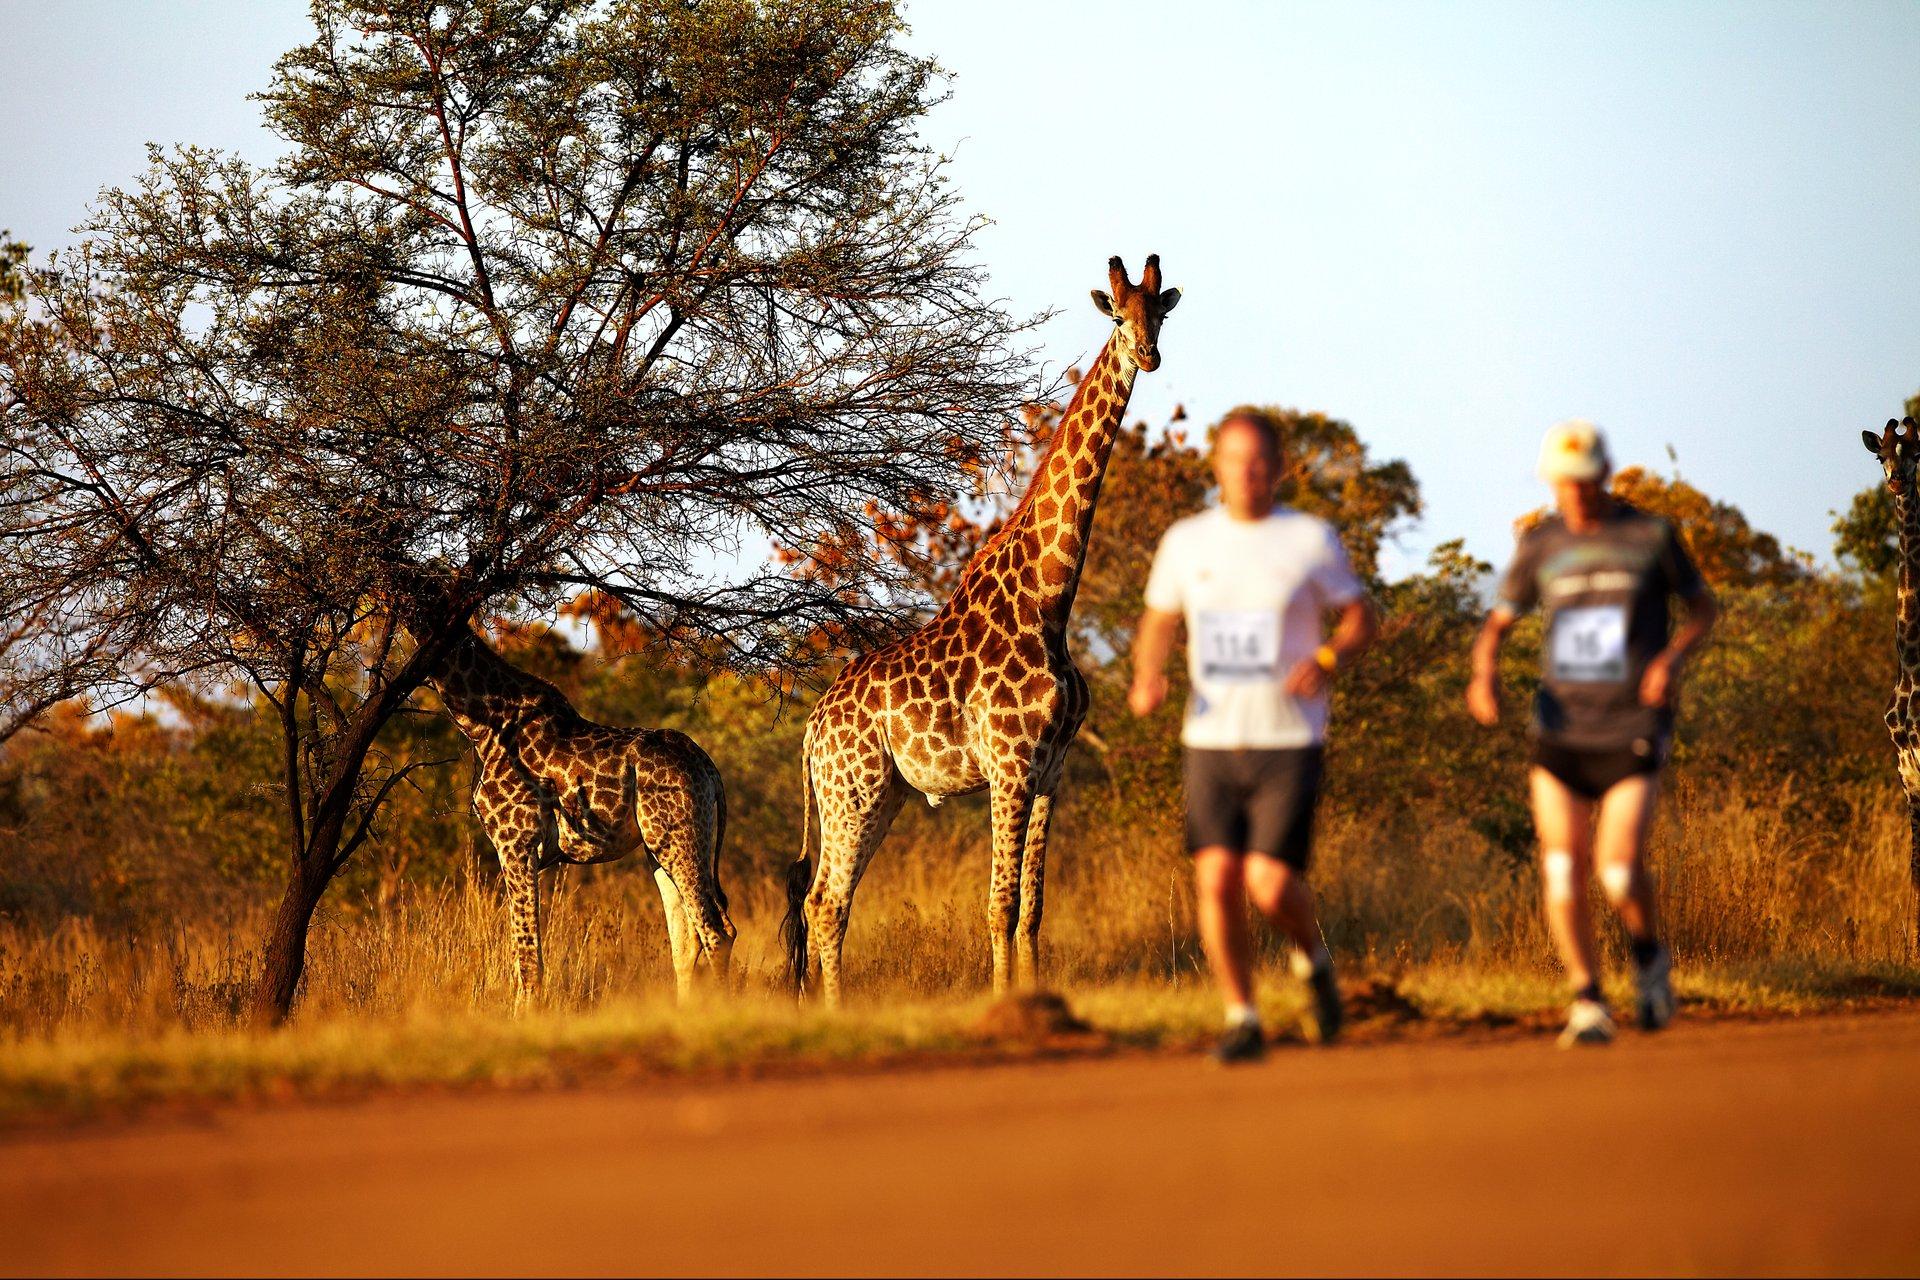 giraffes watching big 5 marathon runners